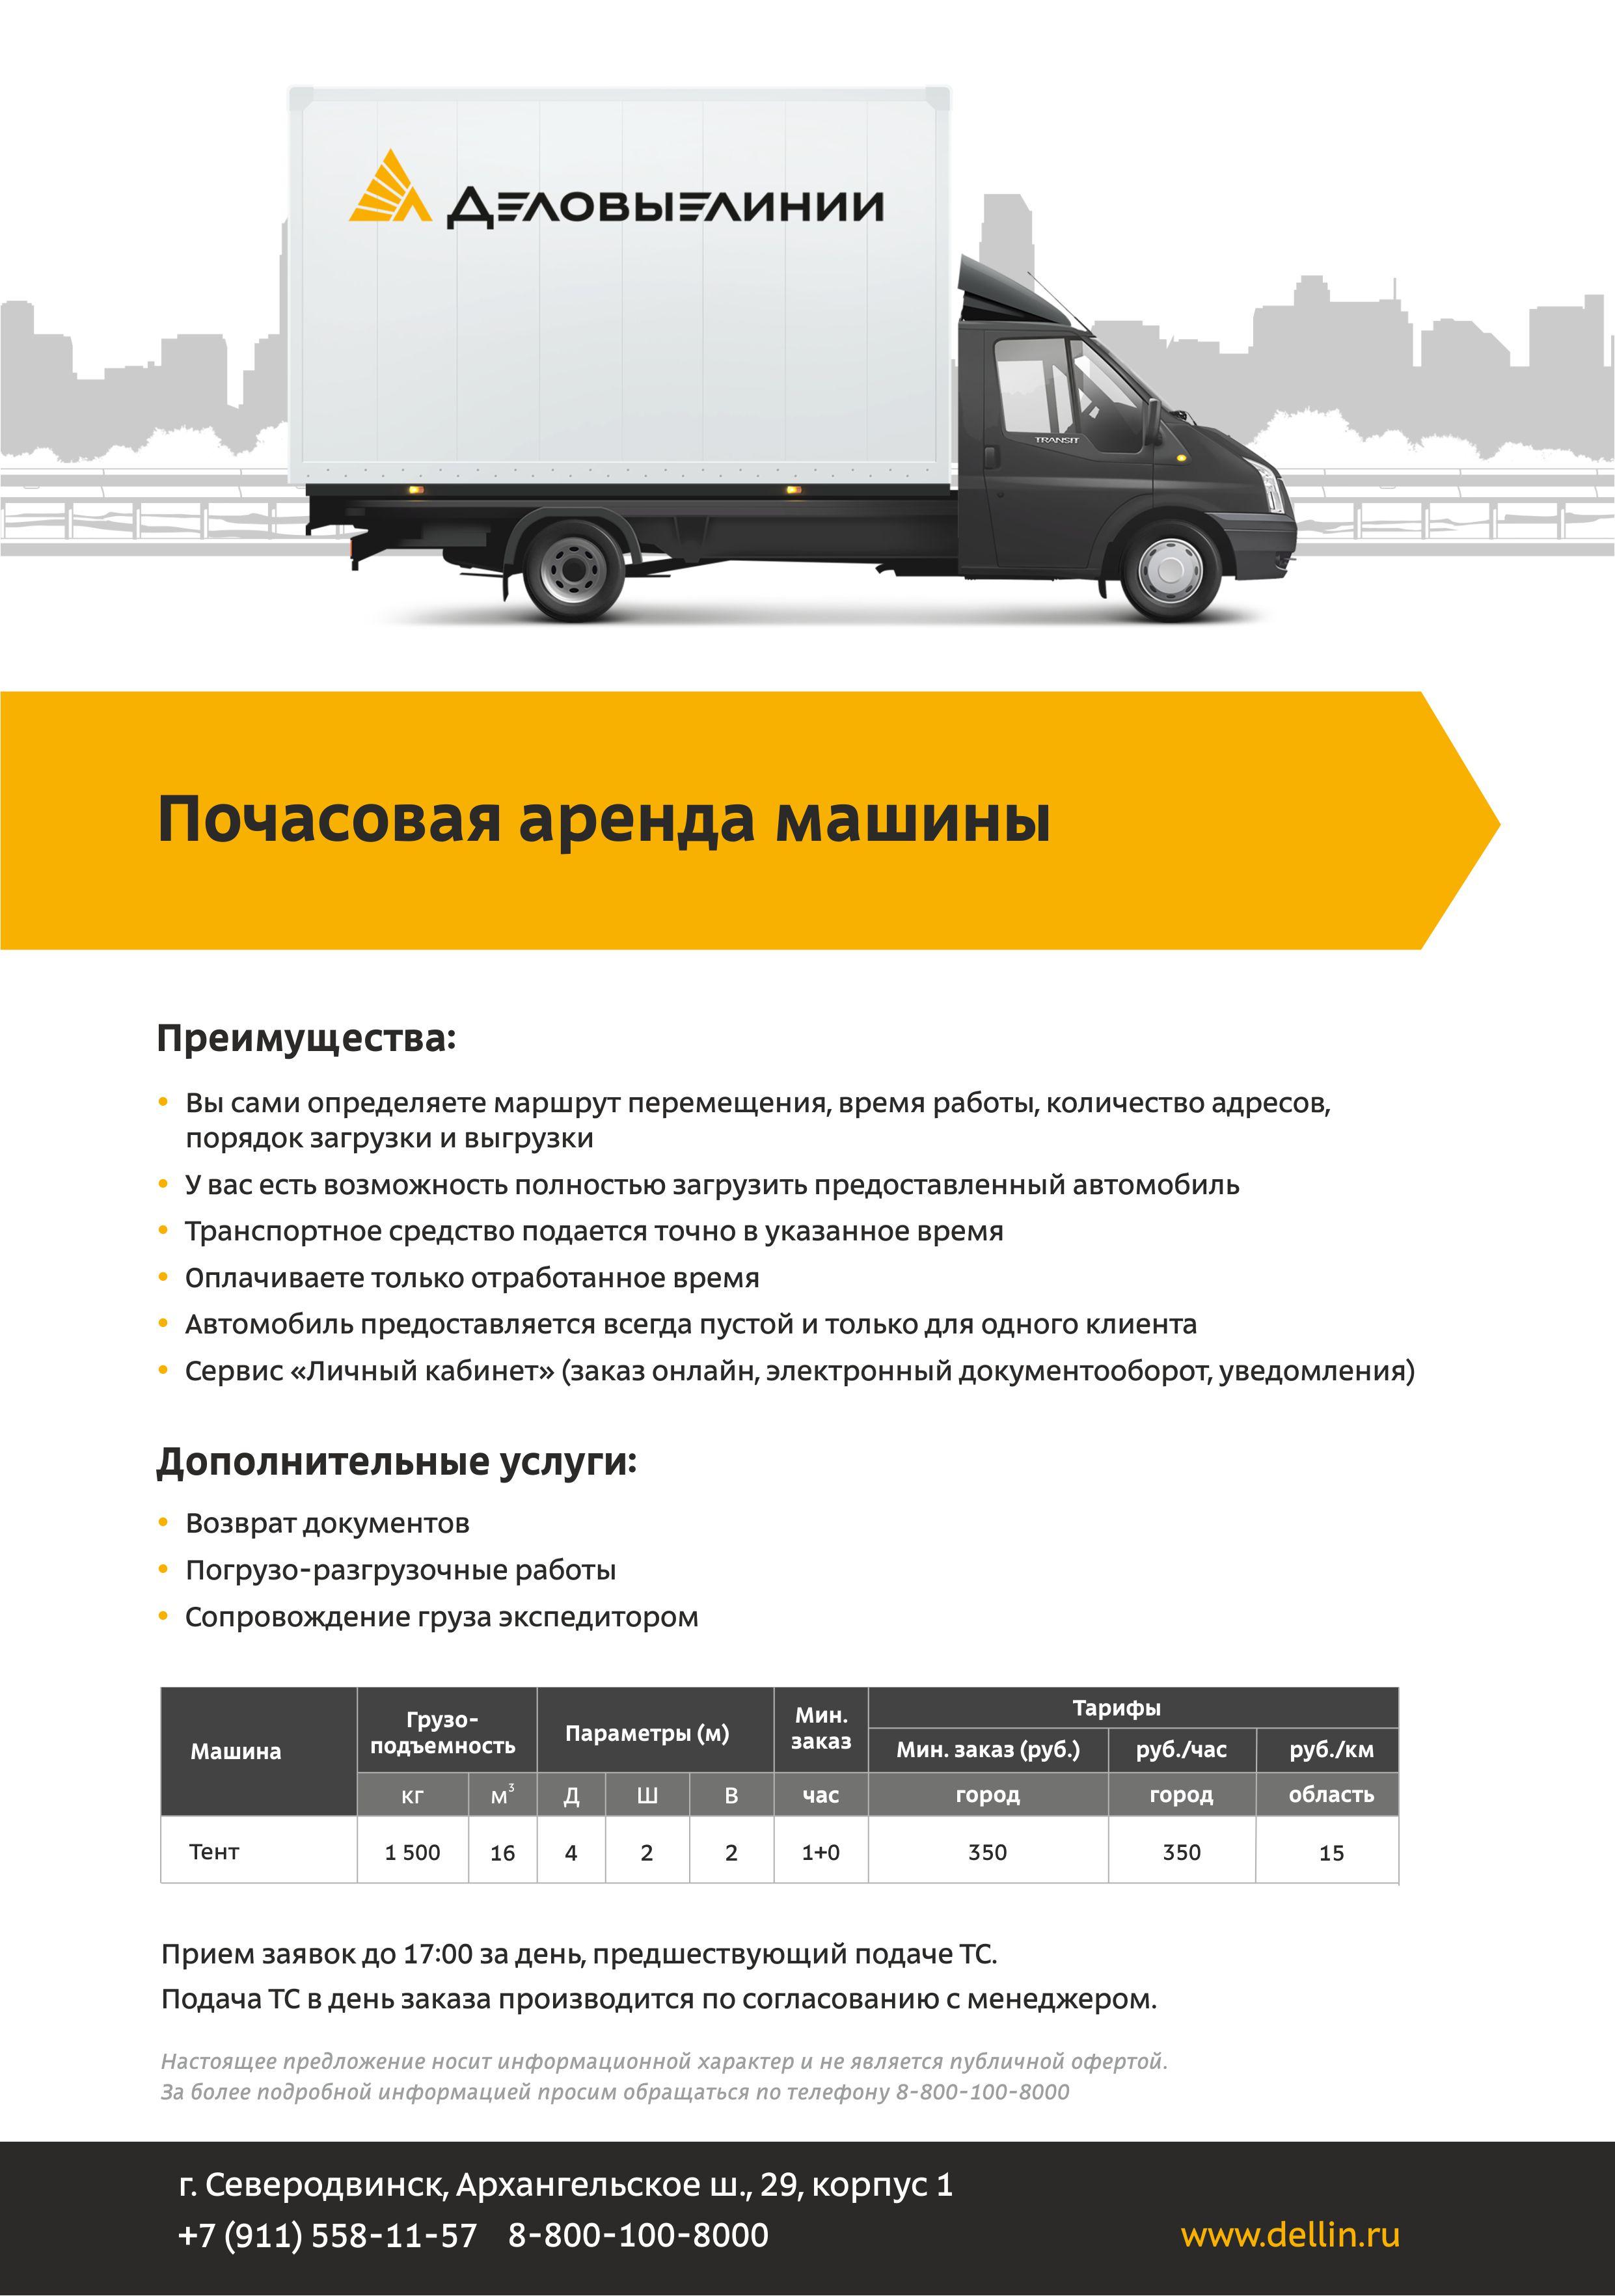 Листовка Деловые Линии «Почасовая аренда машины»